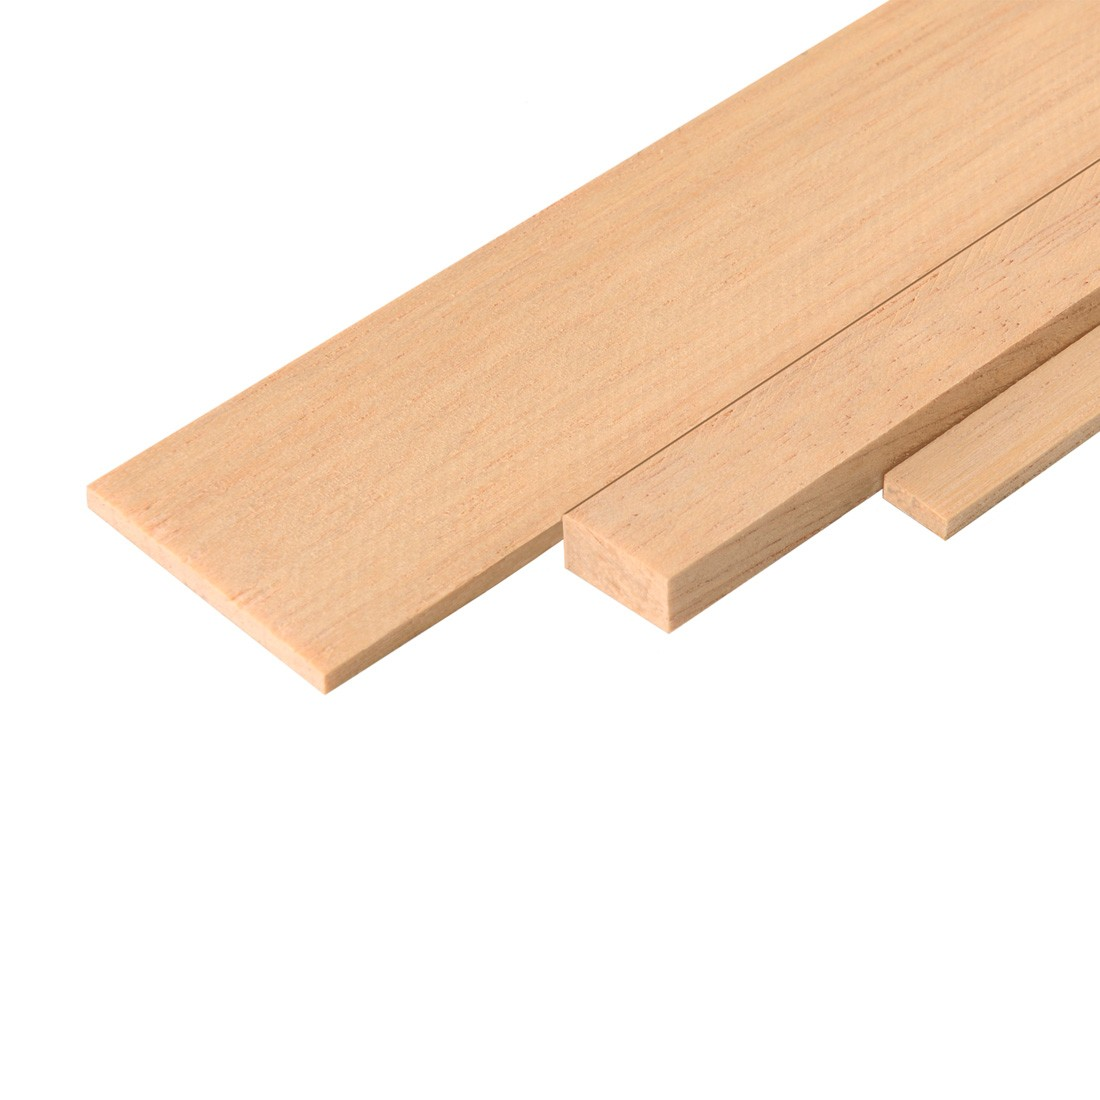 Tira de madera ramin mm.4x35